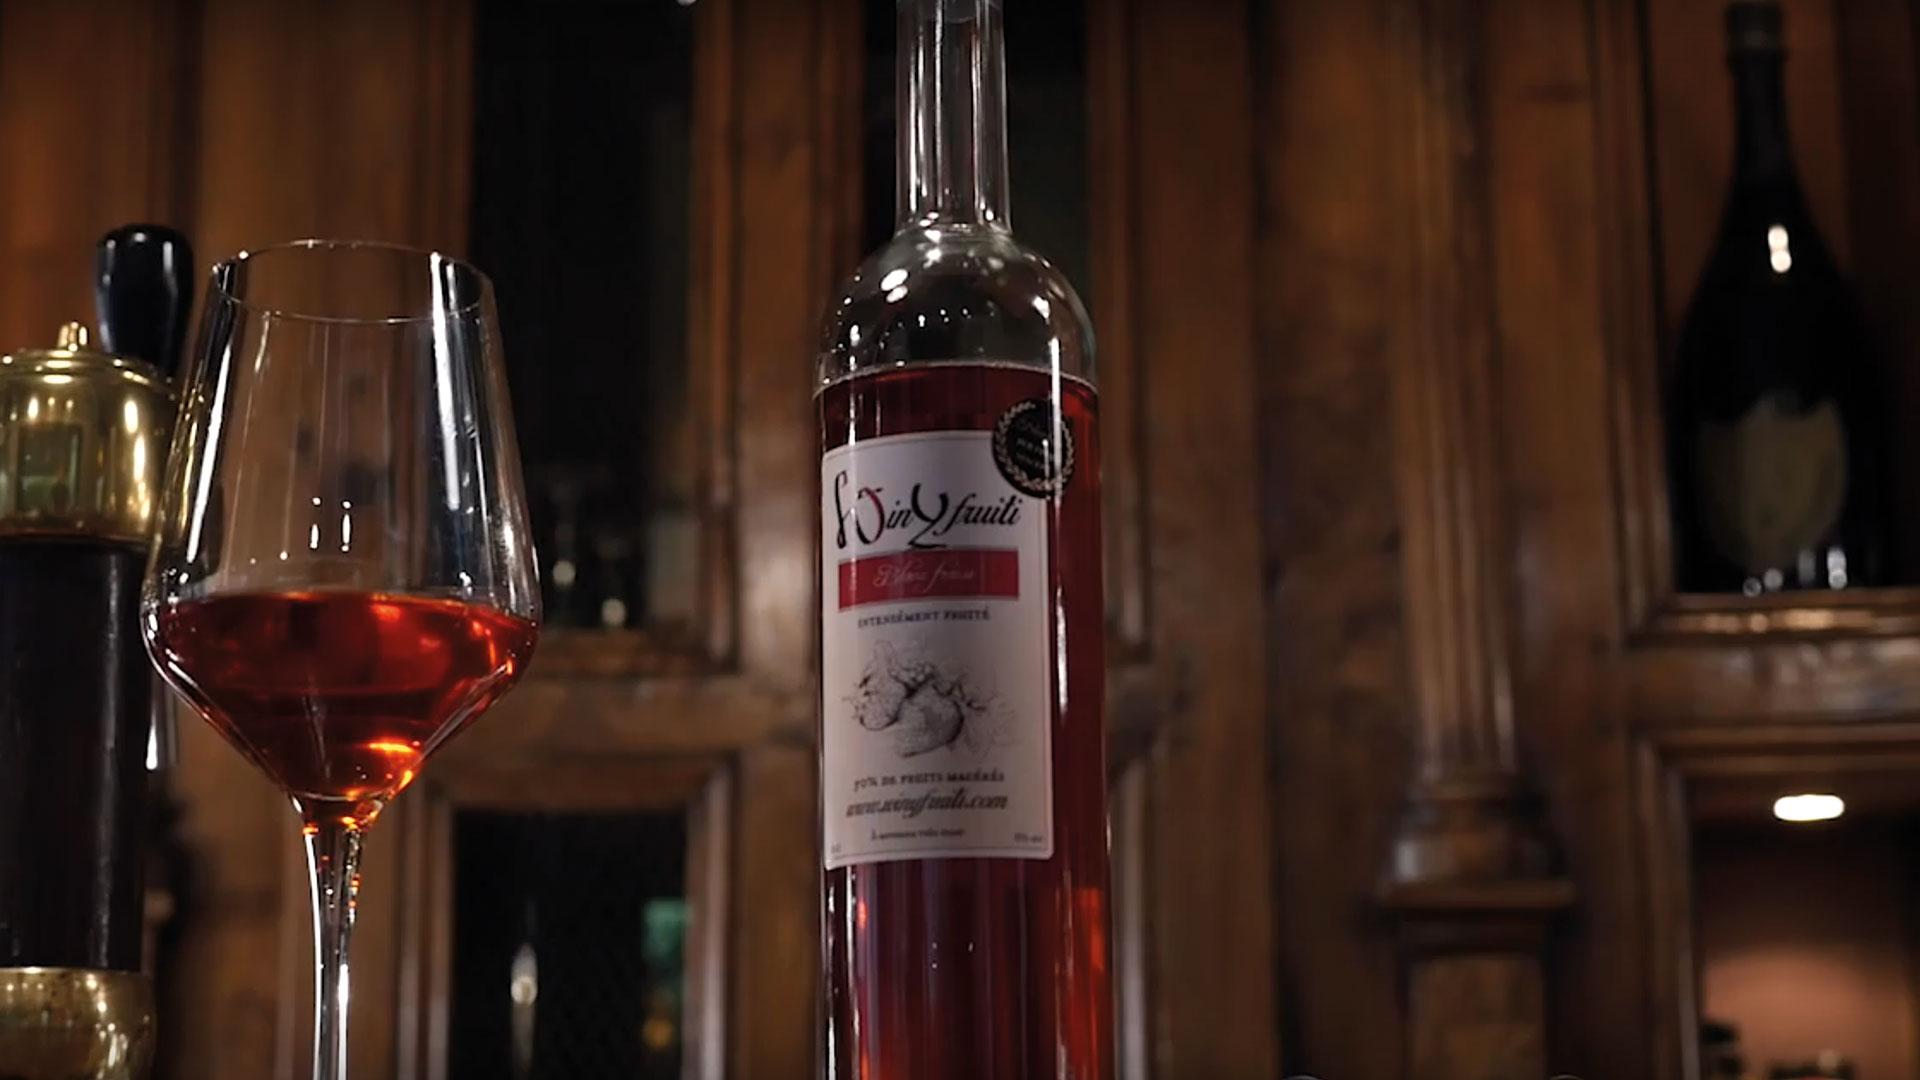 bouteille de vin fruité